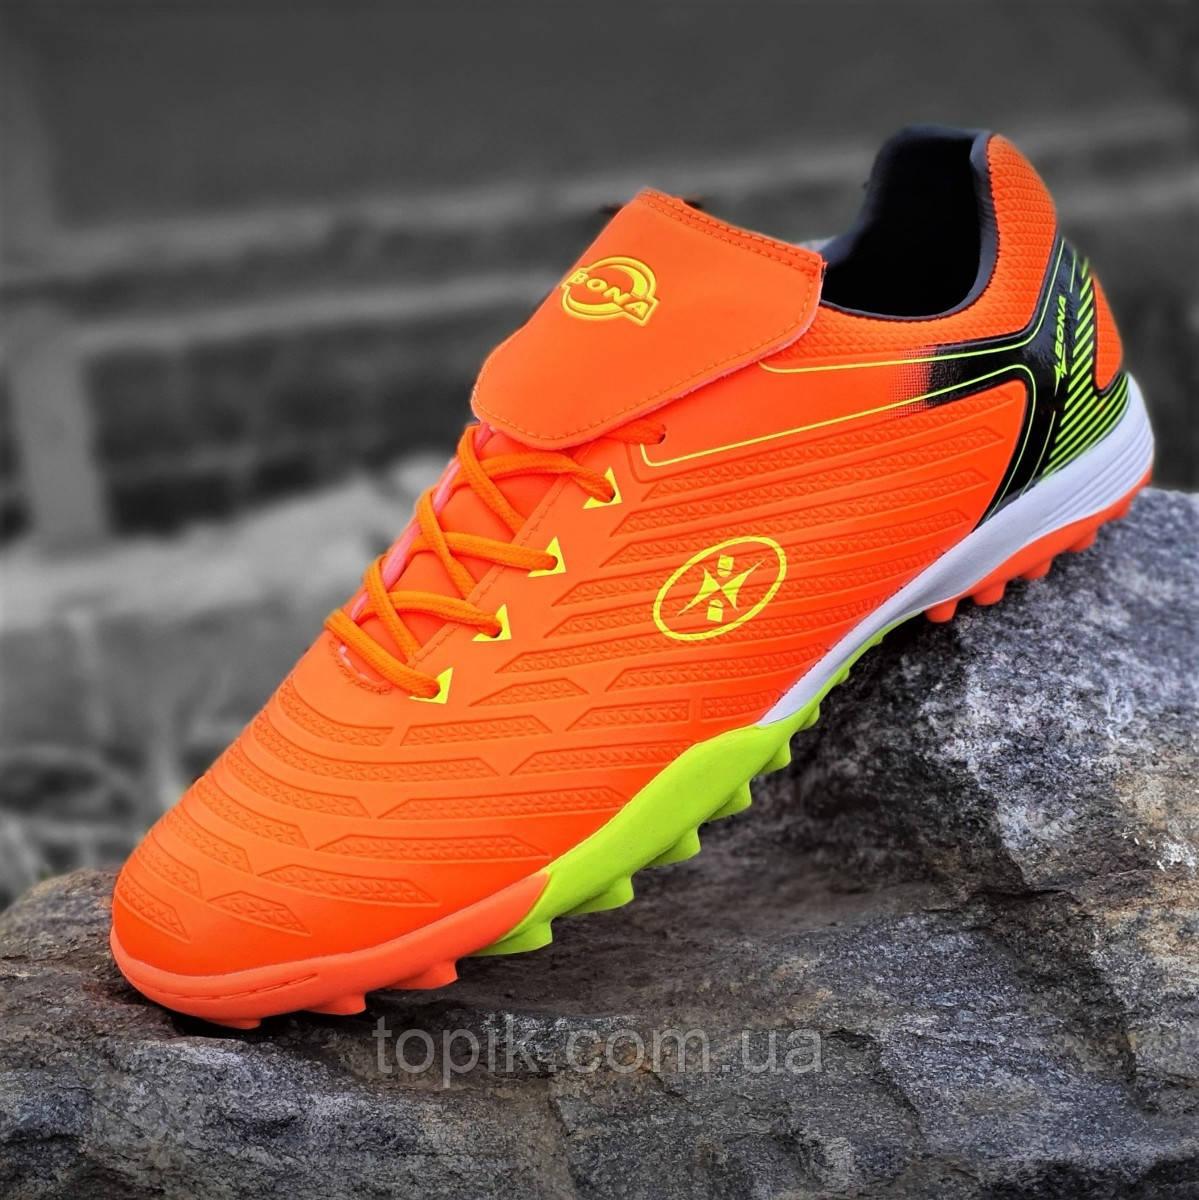 Мужские сороконожки Tiempo, бампы, кроссовки для футбола оранжевые, стильные и легкие, недорогие (Код: 1400)